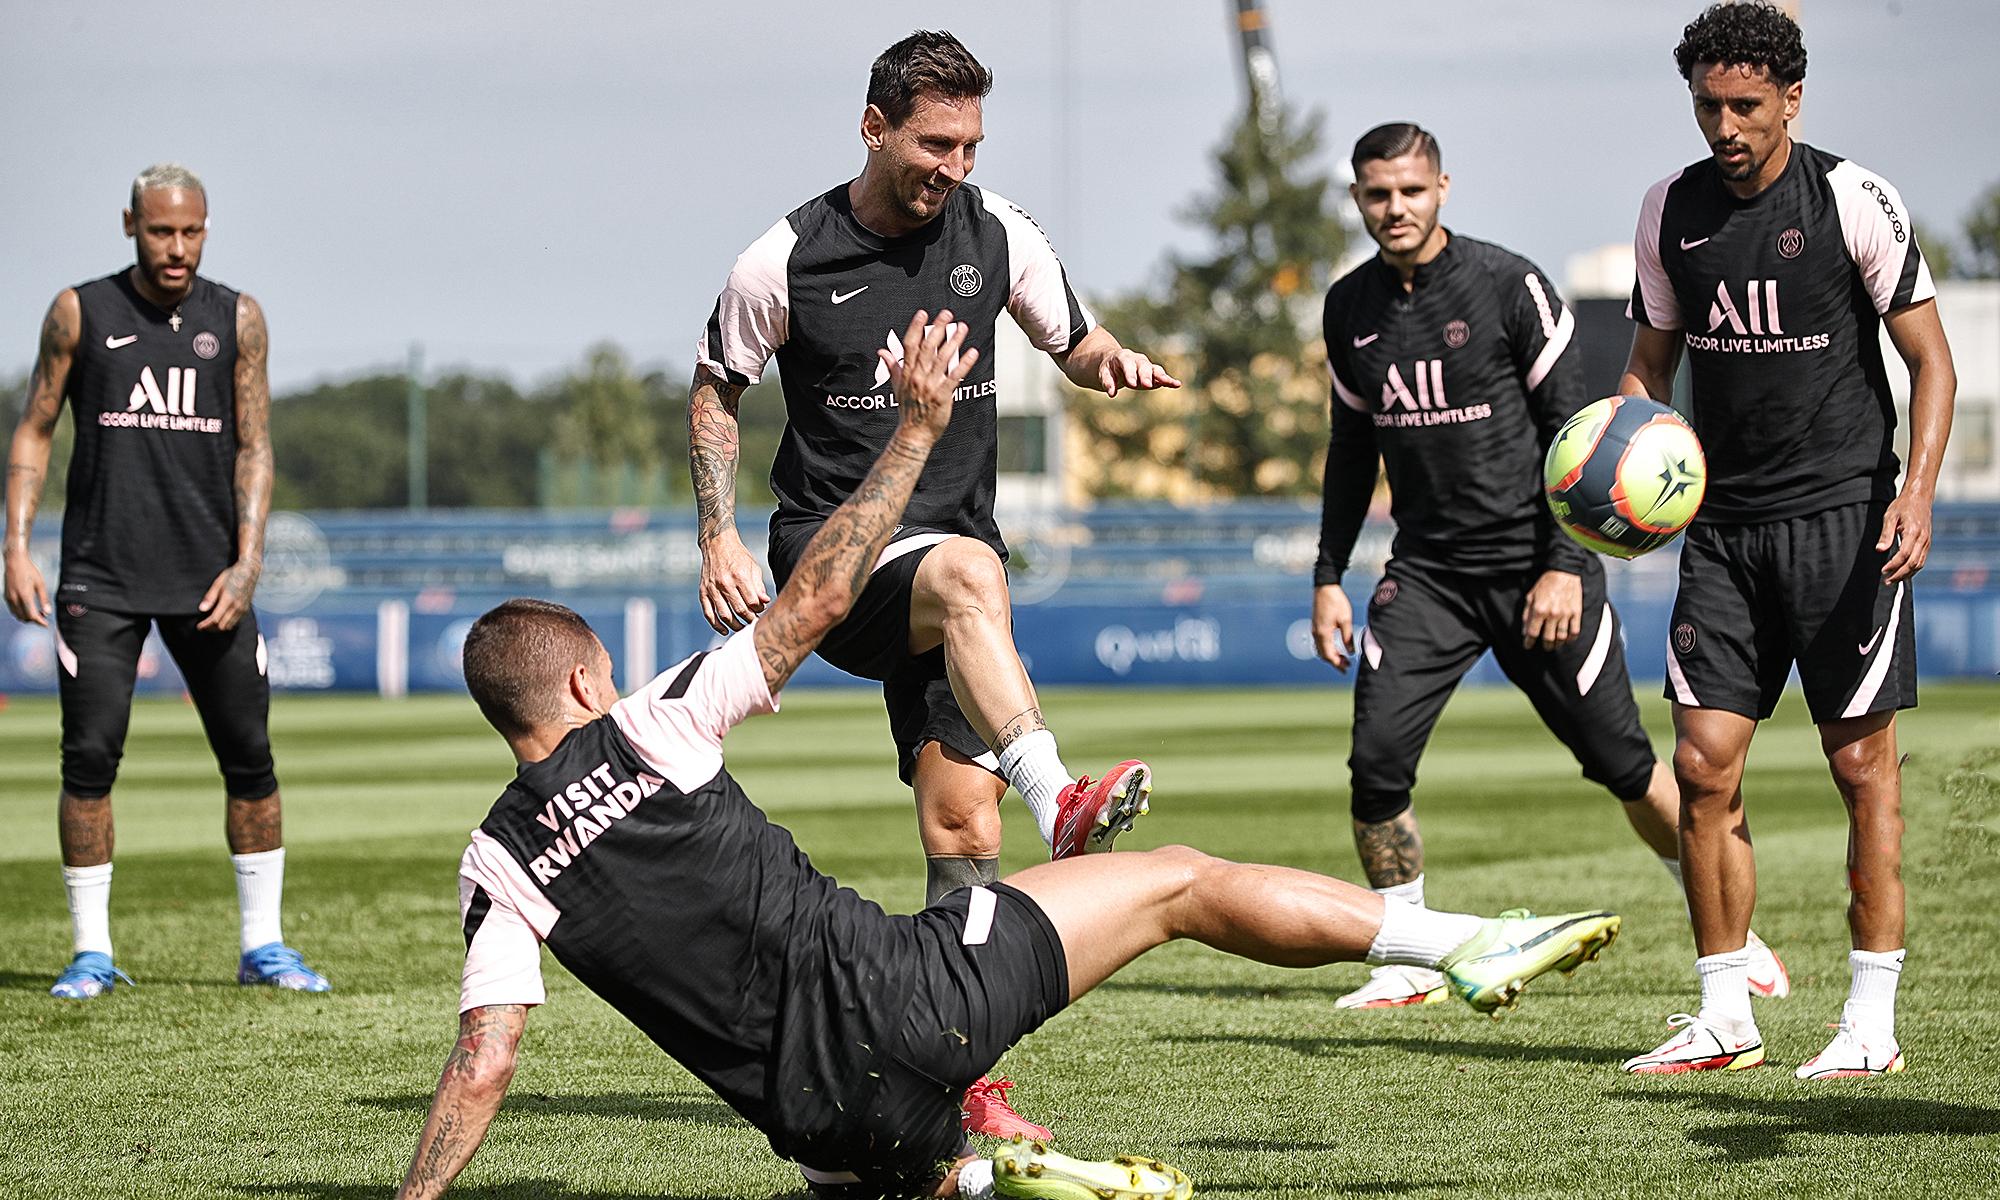 เมสซี่เล่นเกมผีกับเพื่อนร่วมทีมของเขาที่สนามฝึกซ้อม Camps des Loges ของ PSG เมื่อวันที่ 13 สิงหาคม  รูปถ่าย: PSG.fr